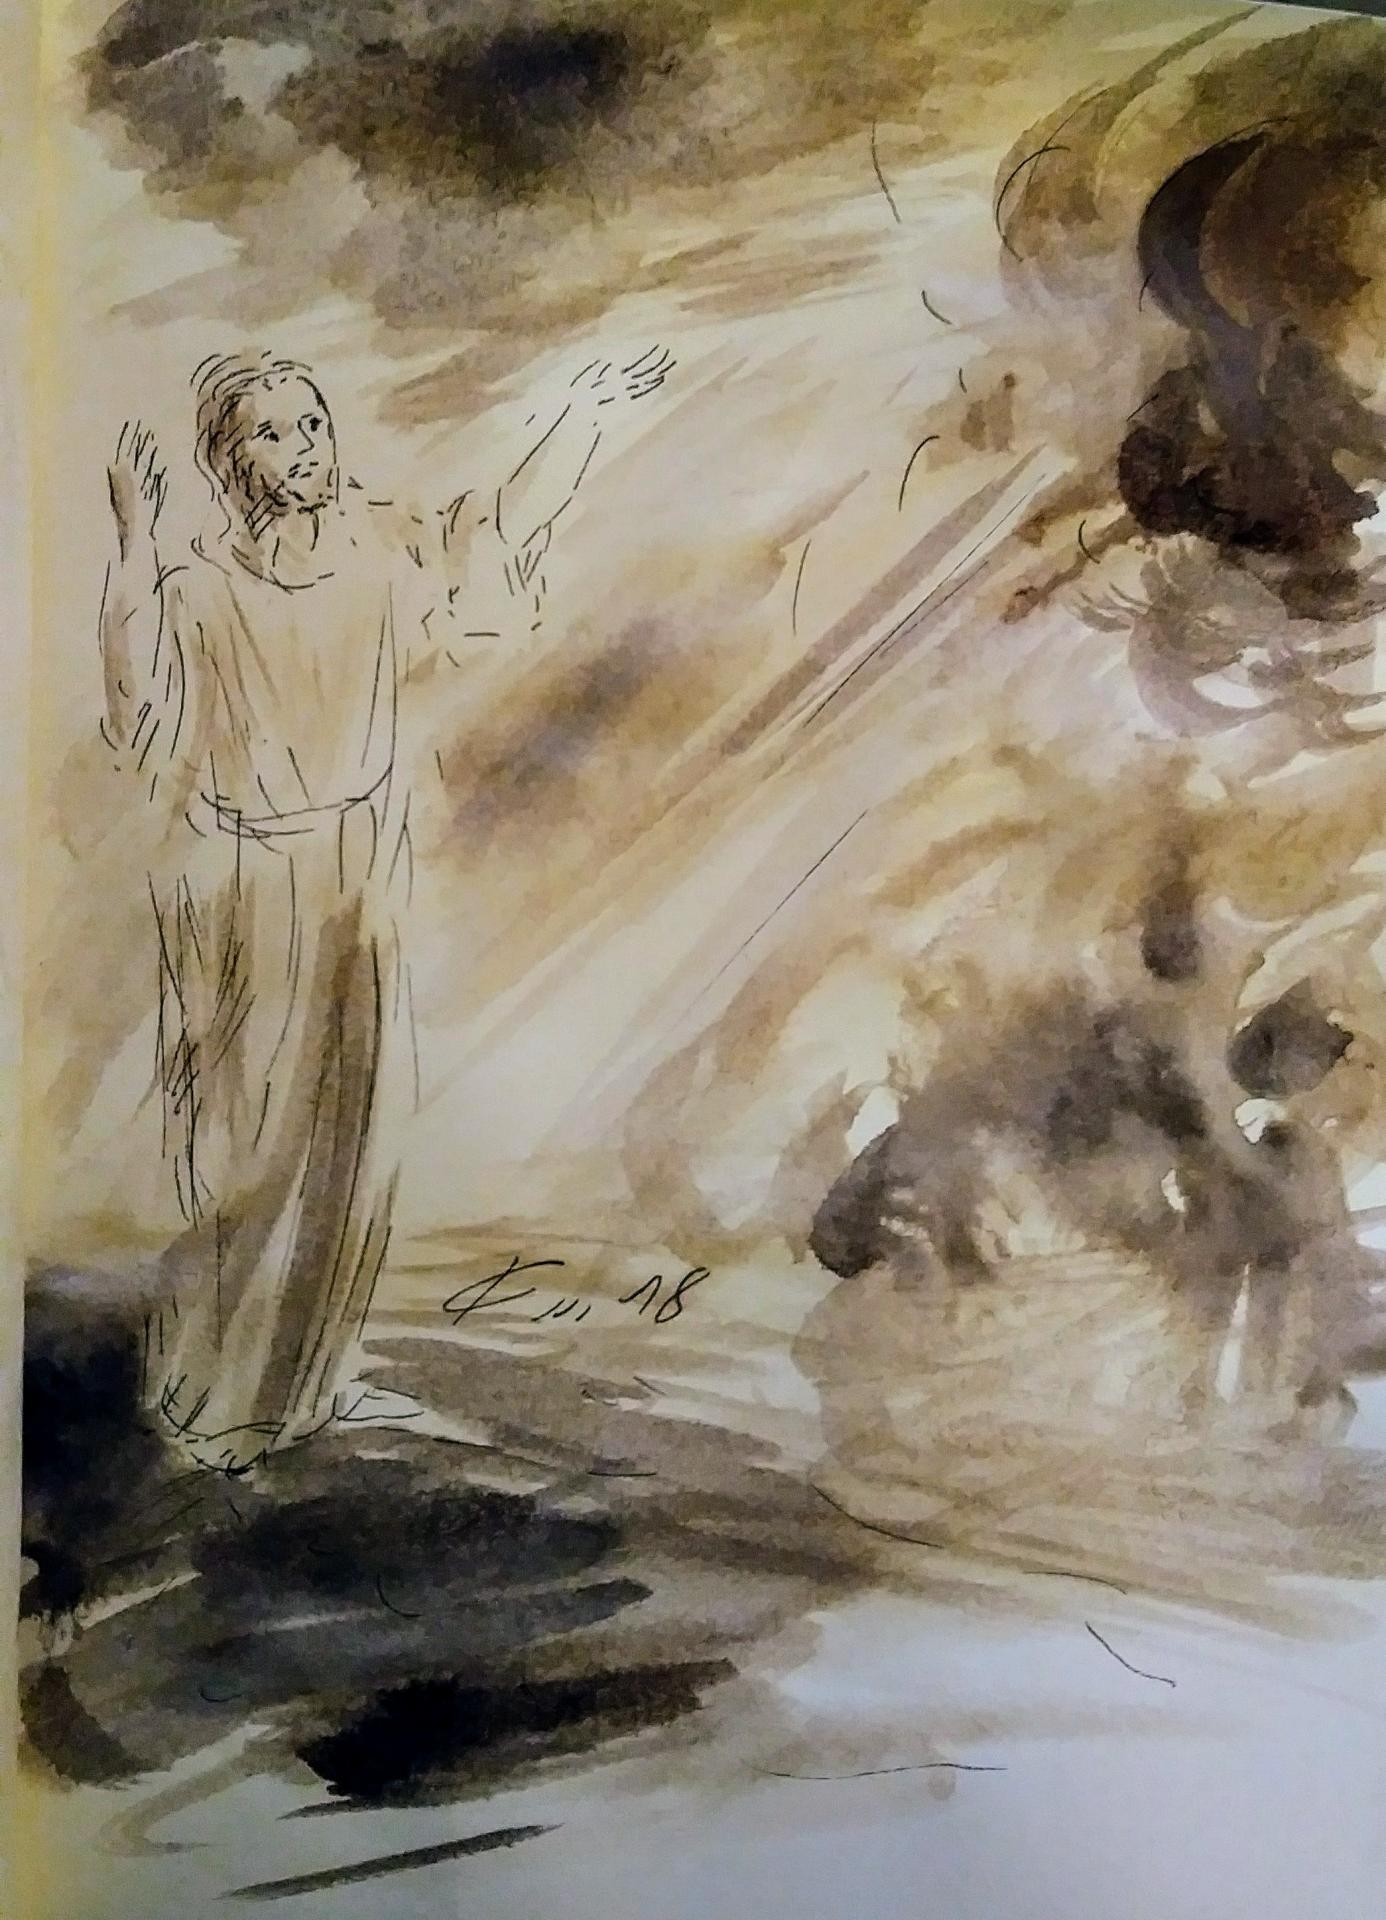 18 Mars, évangile du jour illustré